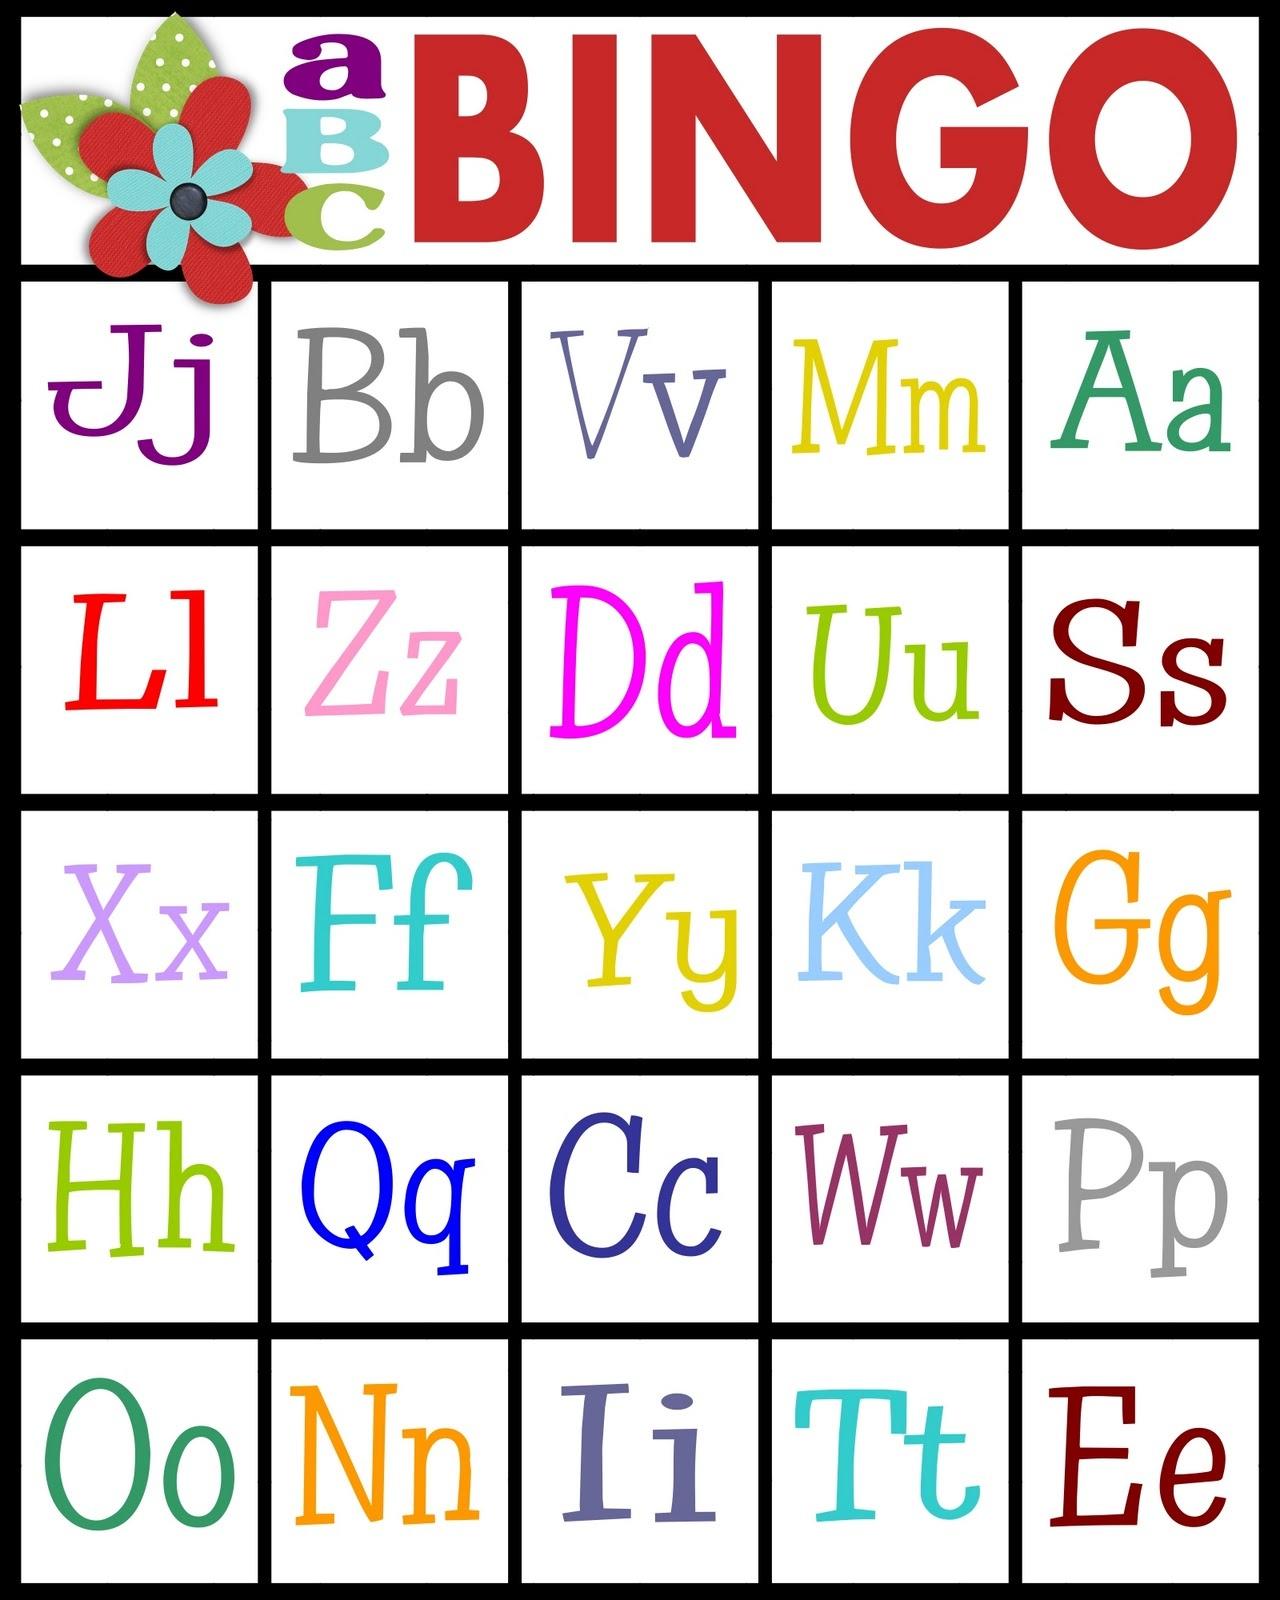 Abc's Bingo- Free Printable! - Sassy Sanctuary - Free Printable Alphabet Games